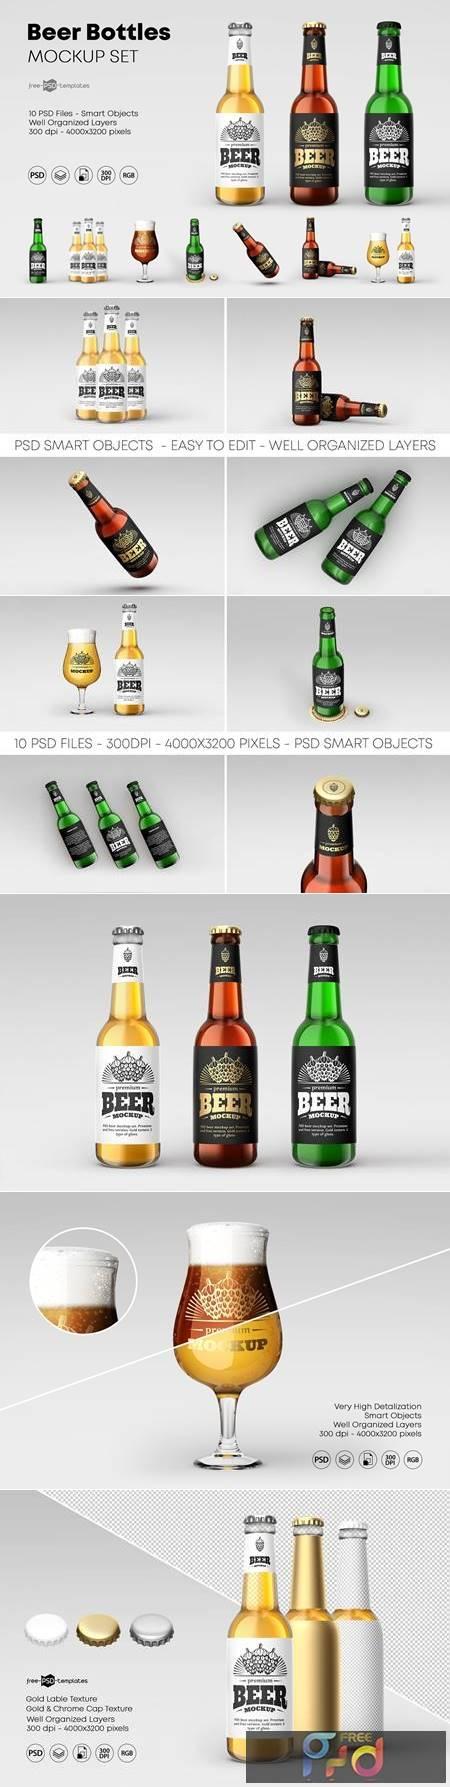 Beer Bottle Mockup Set 4615774 1